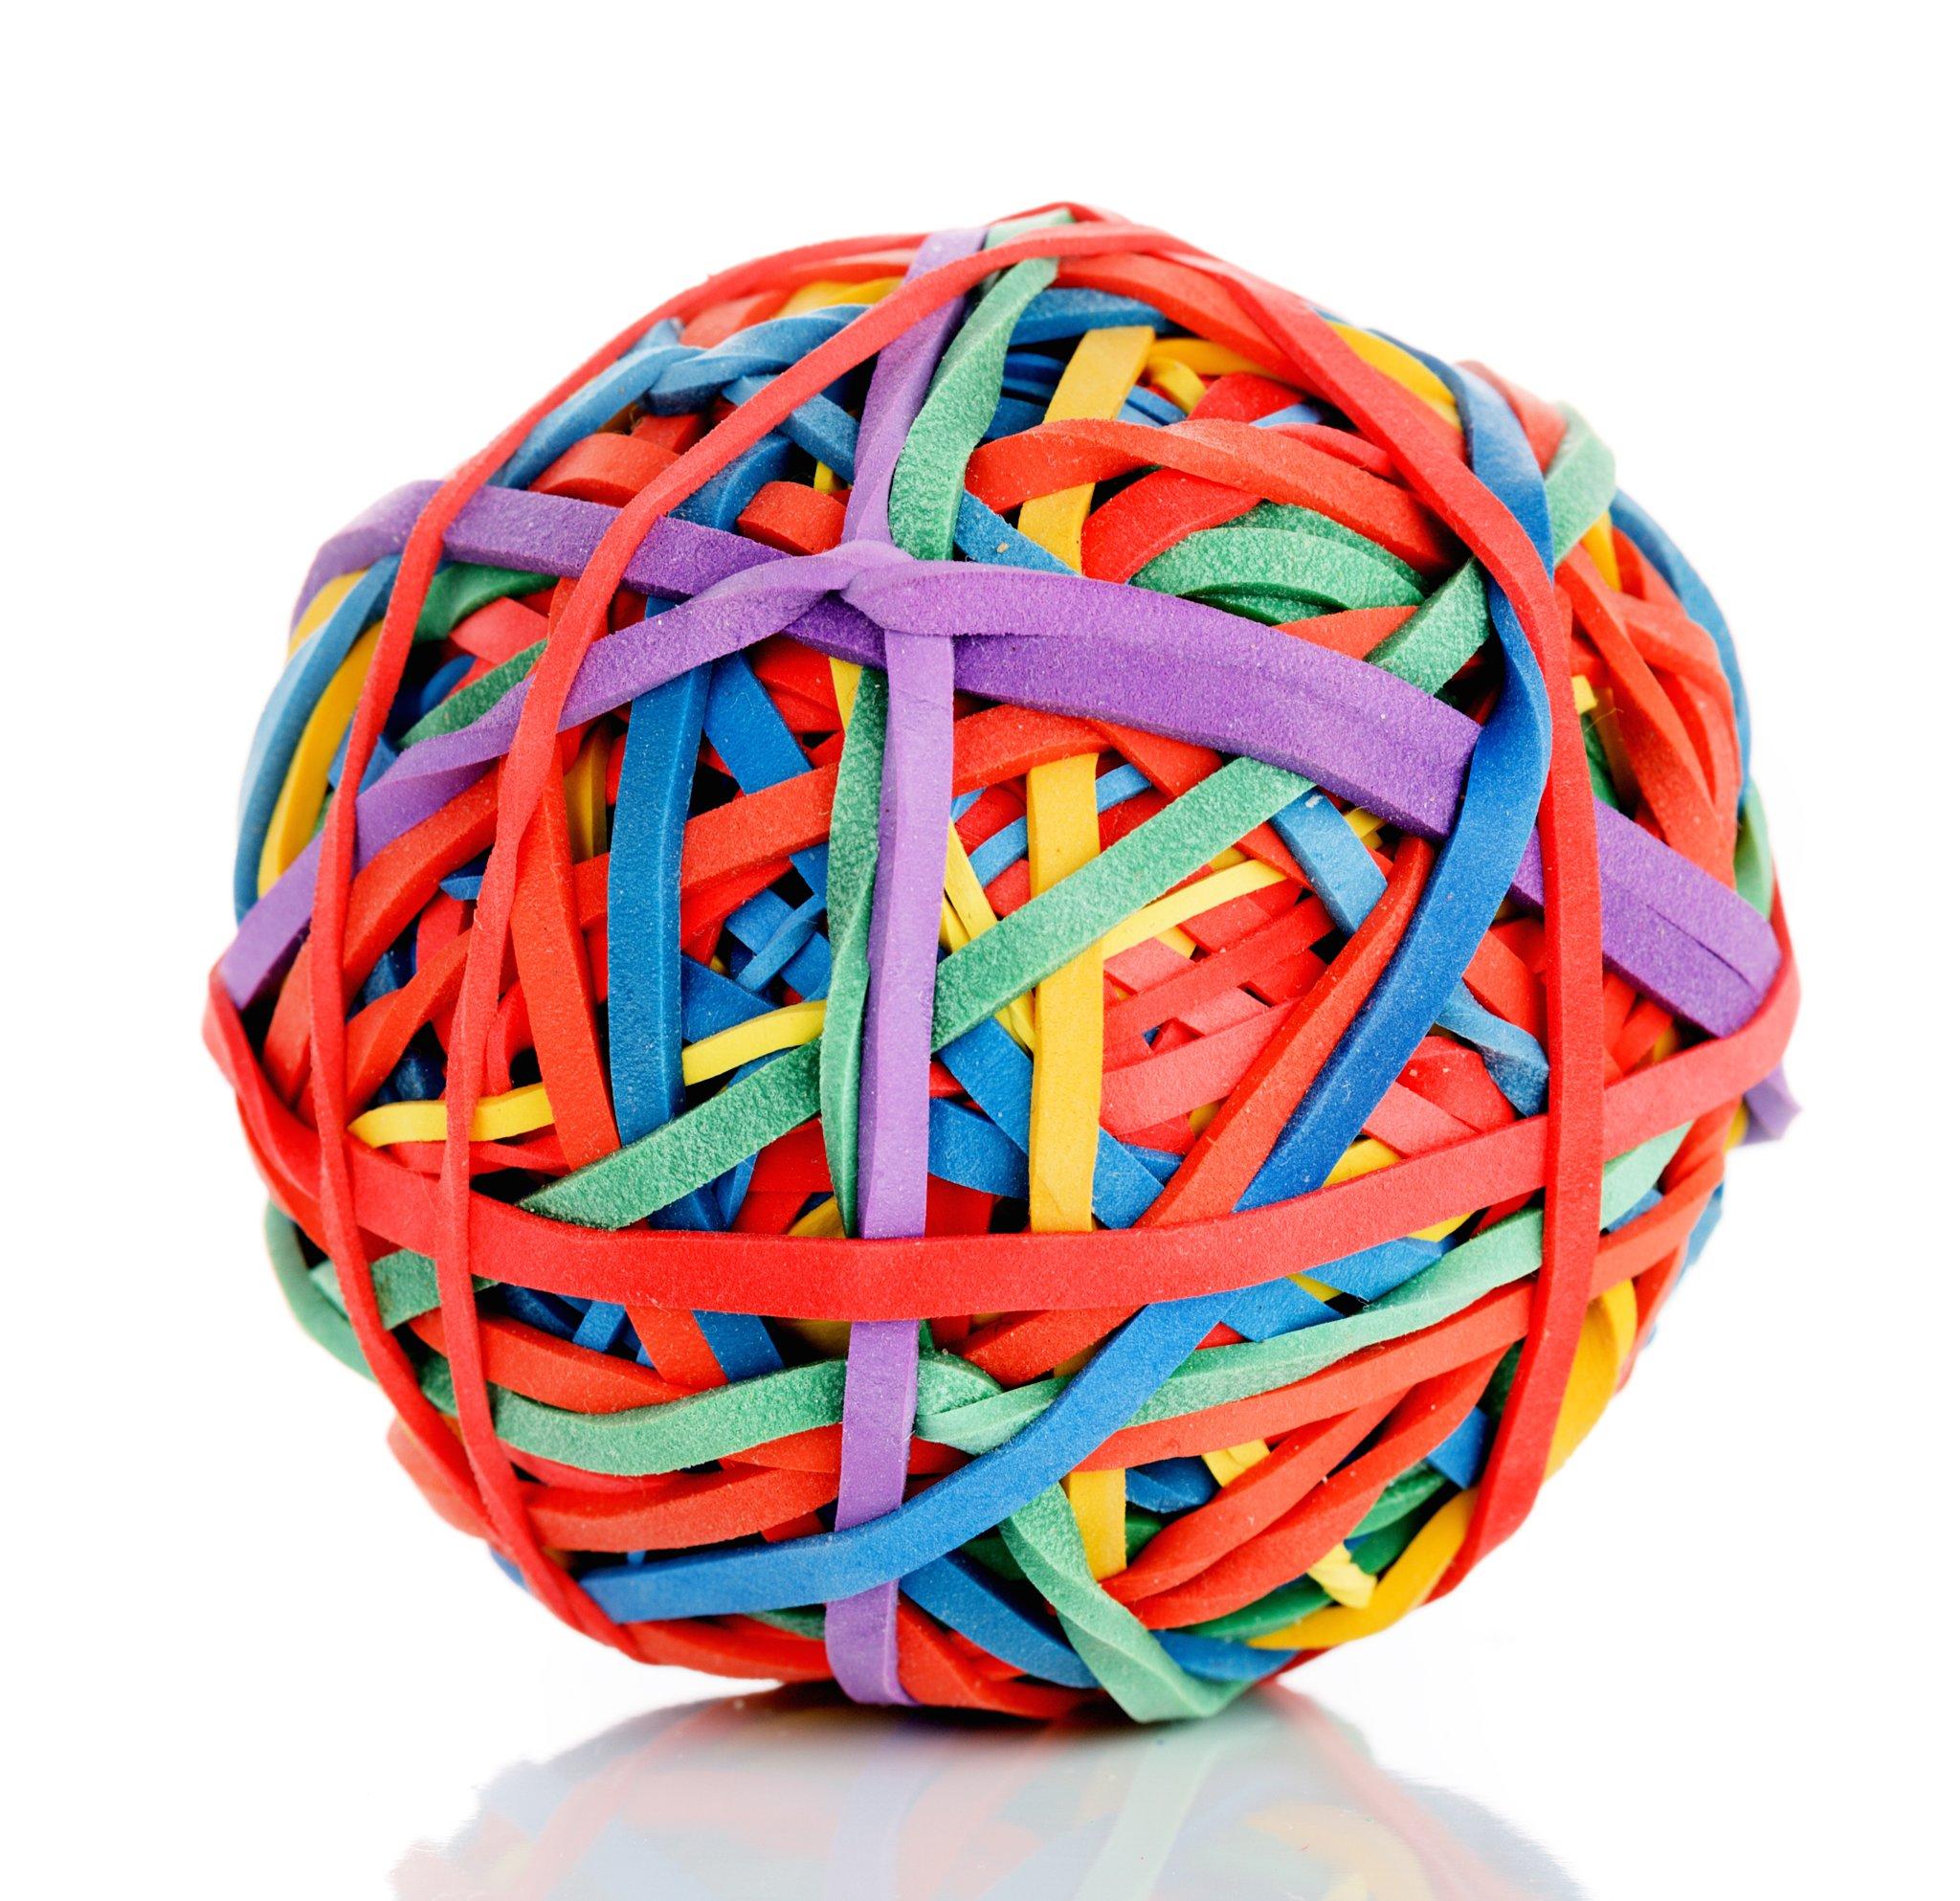 Uses For Rubber Bands | POPSUGAR Smart Living